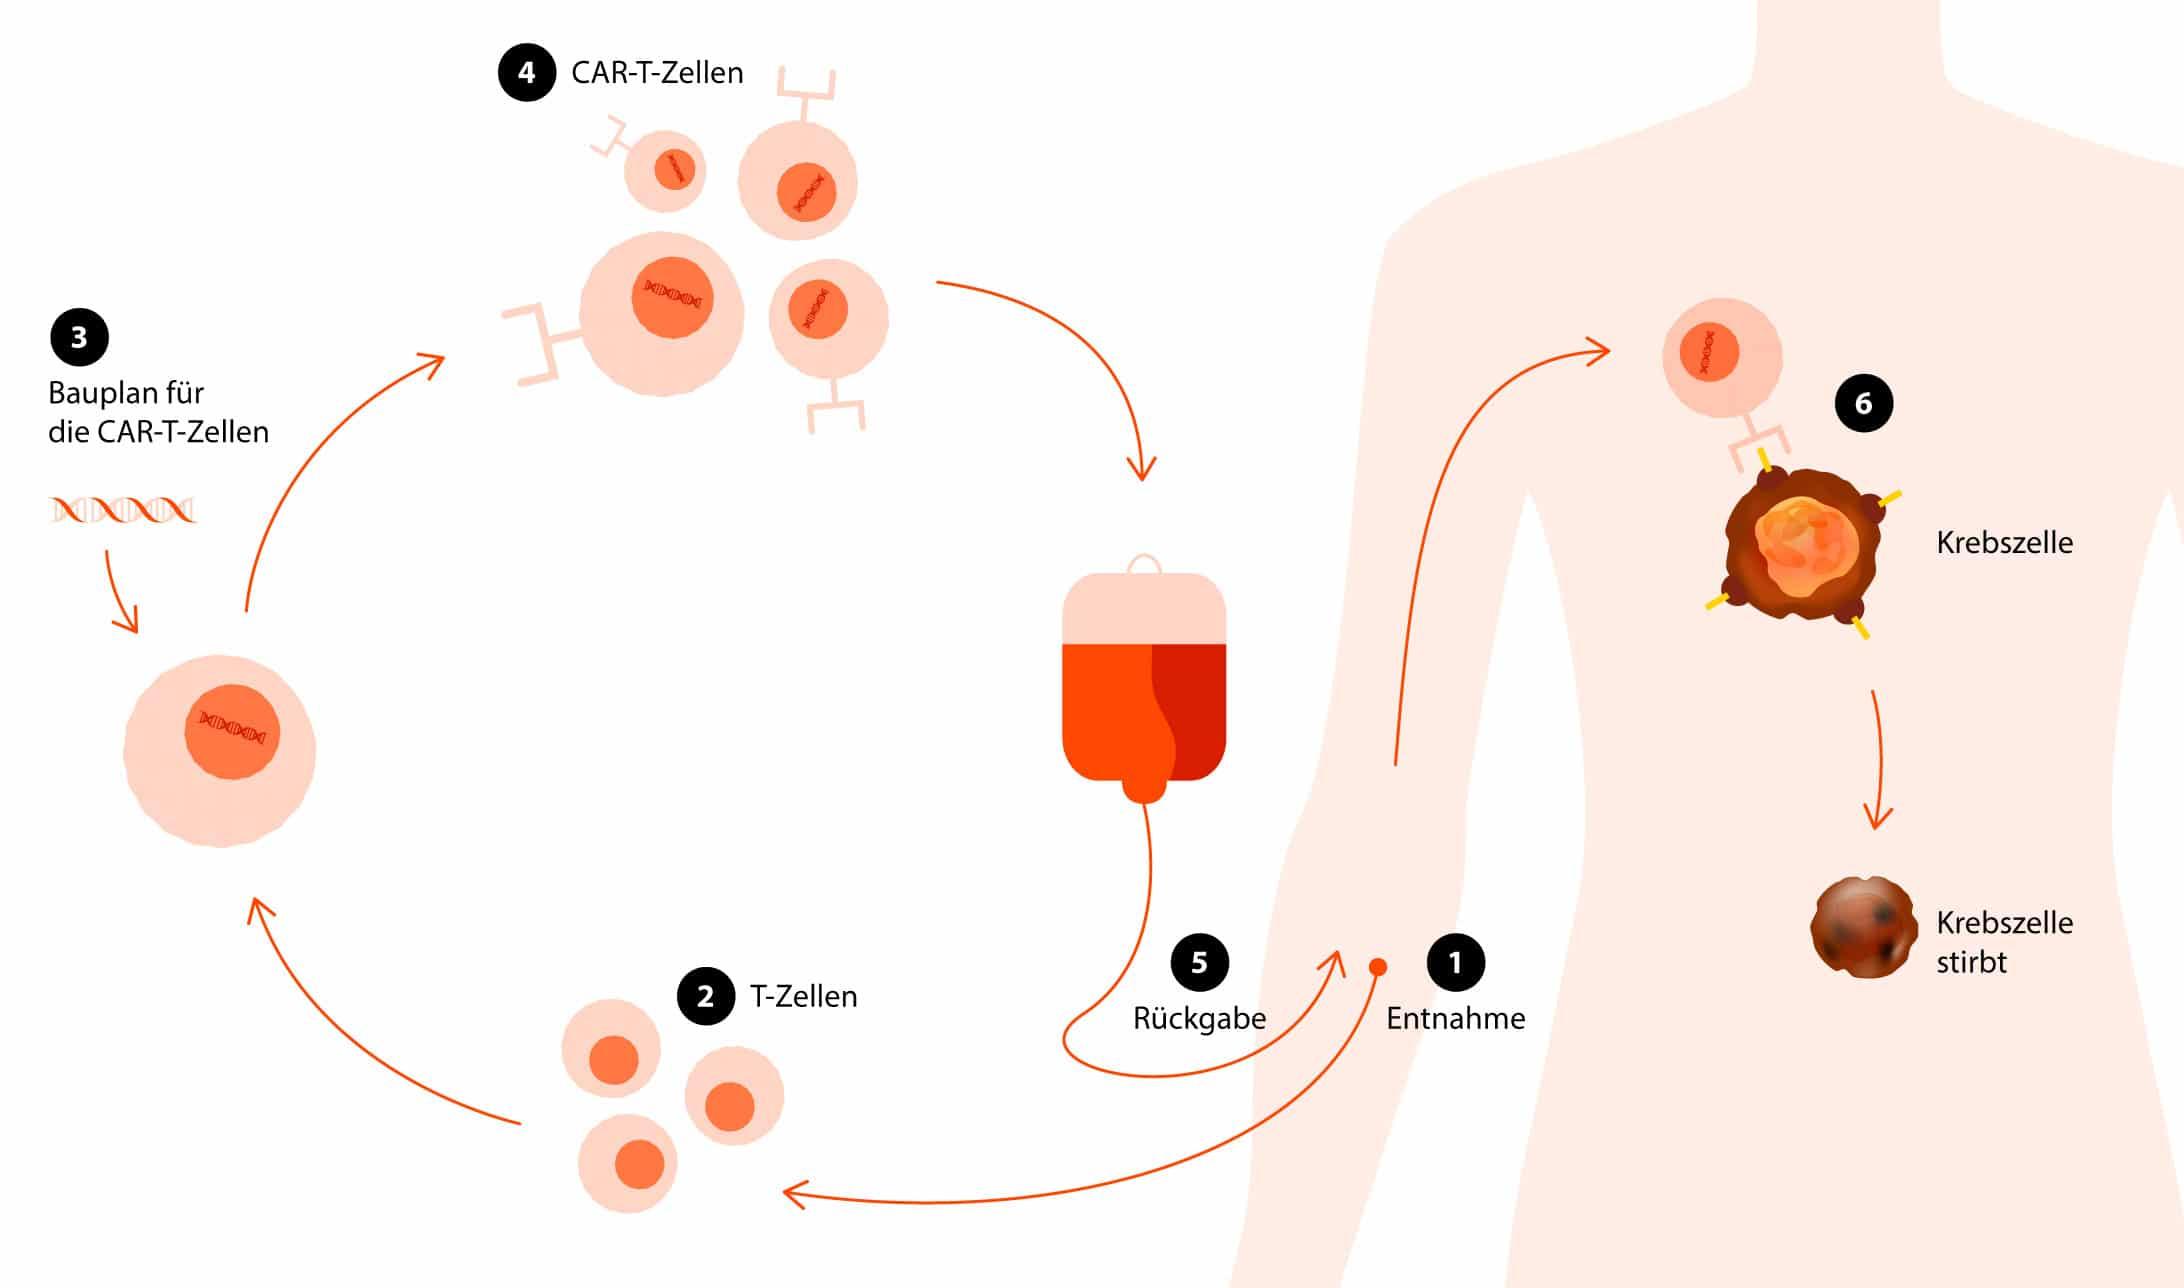 Die Infografik zeigt, wie die Immuntherapie funktioniert